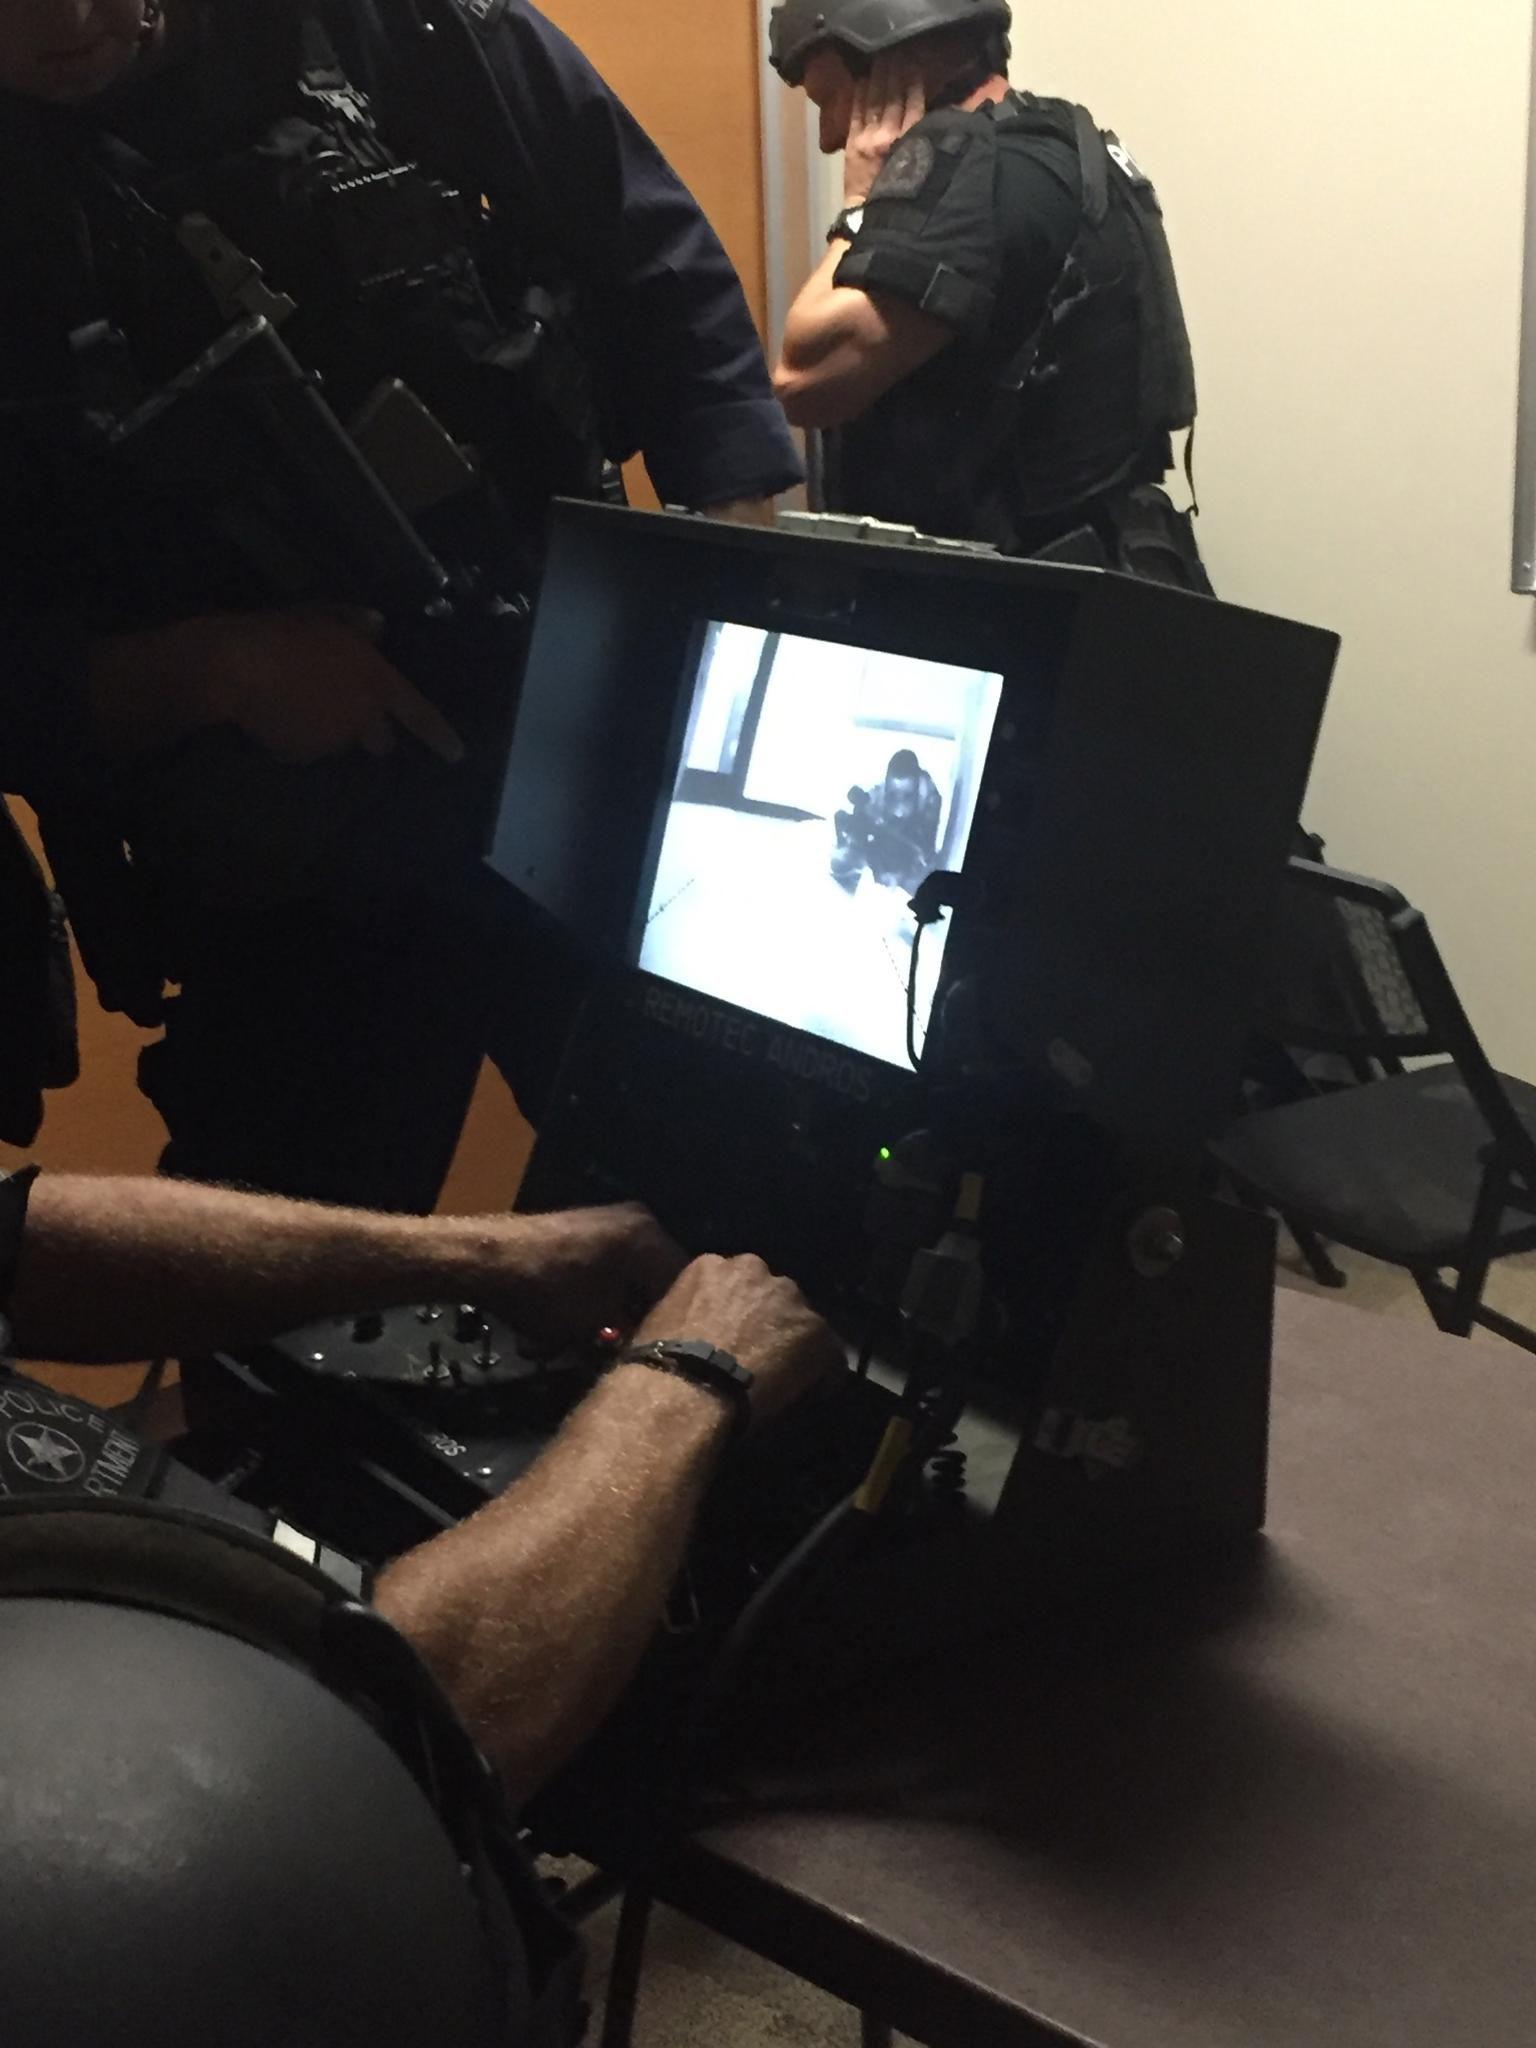 Jeremy Borchardt manejó el robot-bomba a control remoto. En esta foto de SWAT se observa a Matt Renfro (quien armó 90% de la bomba) tapándose los oídos. En el video se ve a Micah Johnson mirando por encima del robot.